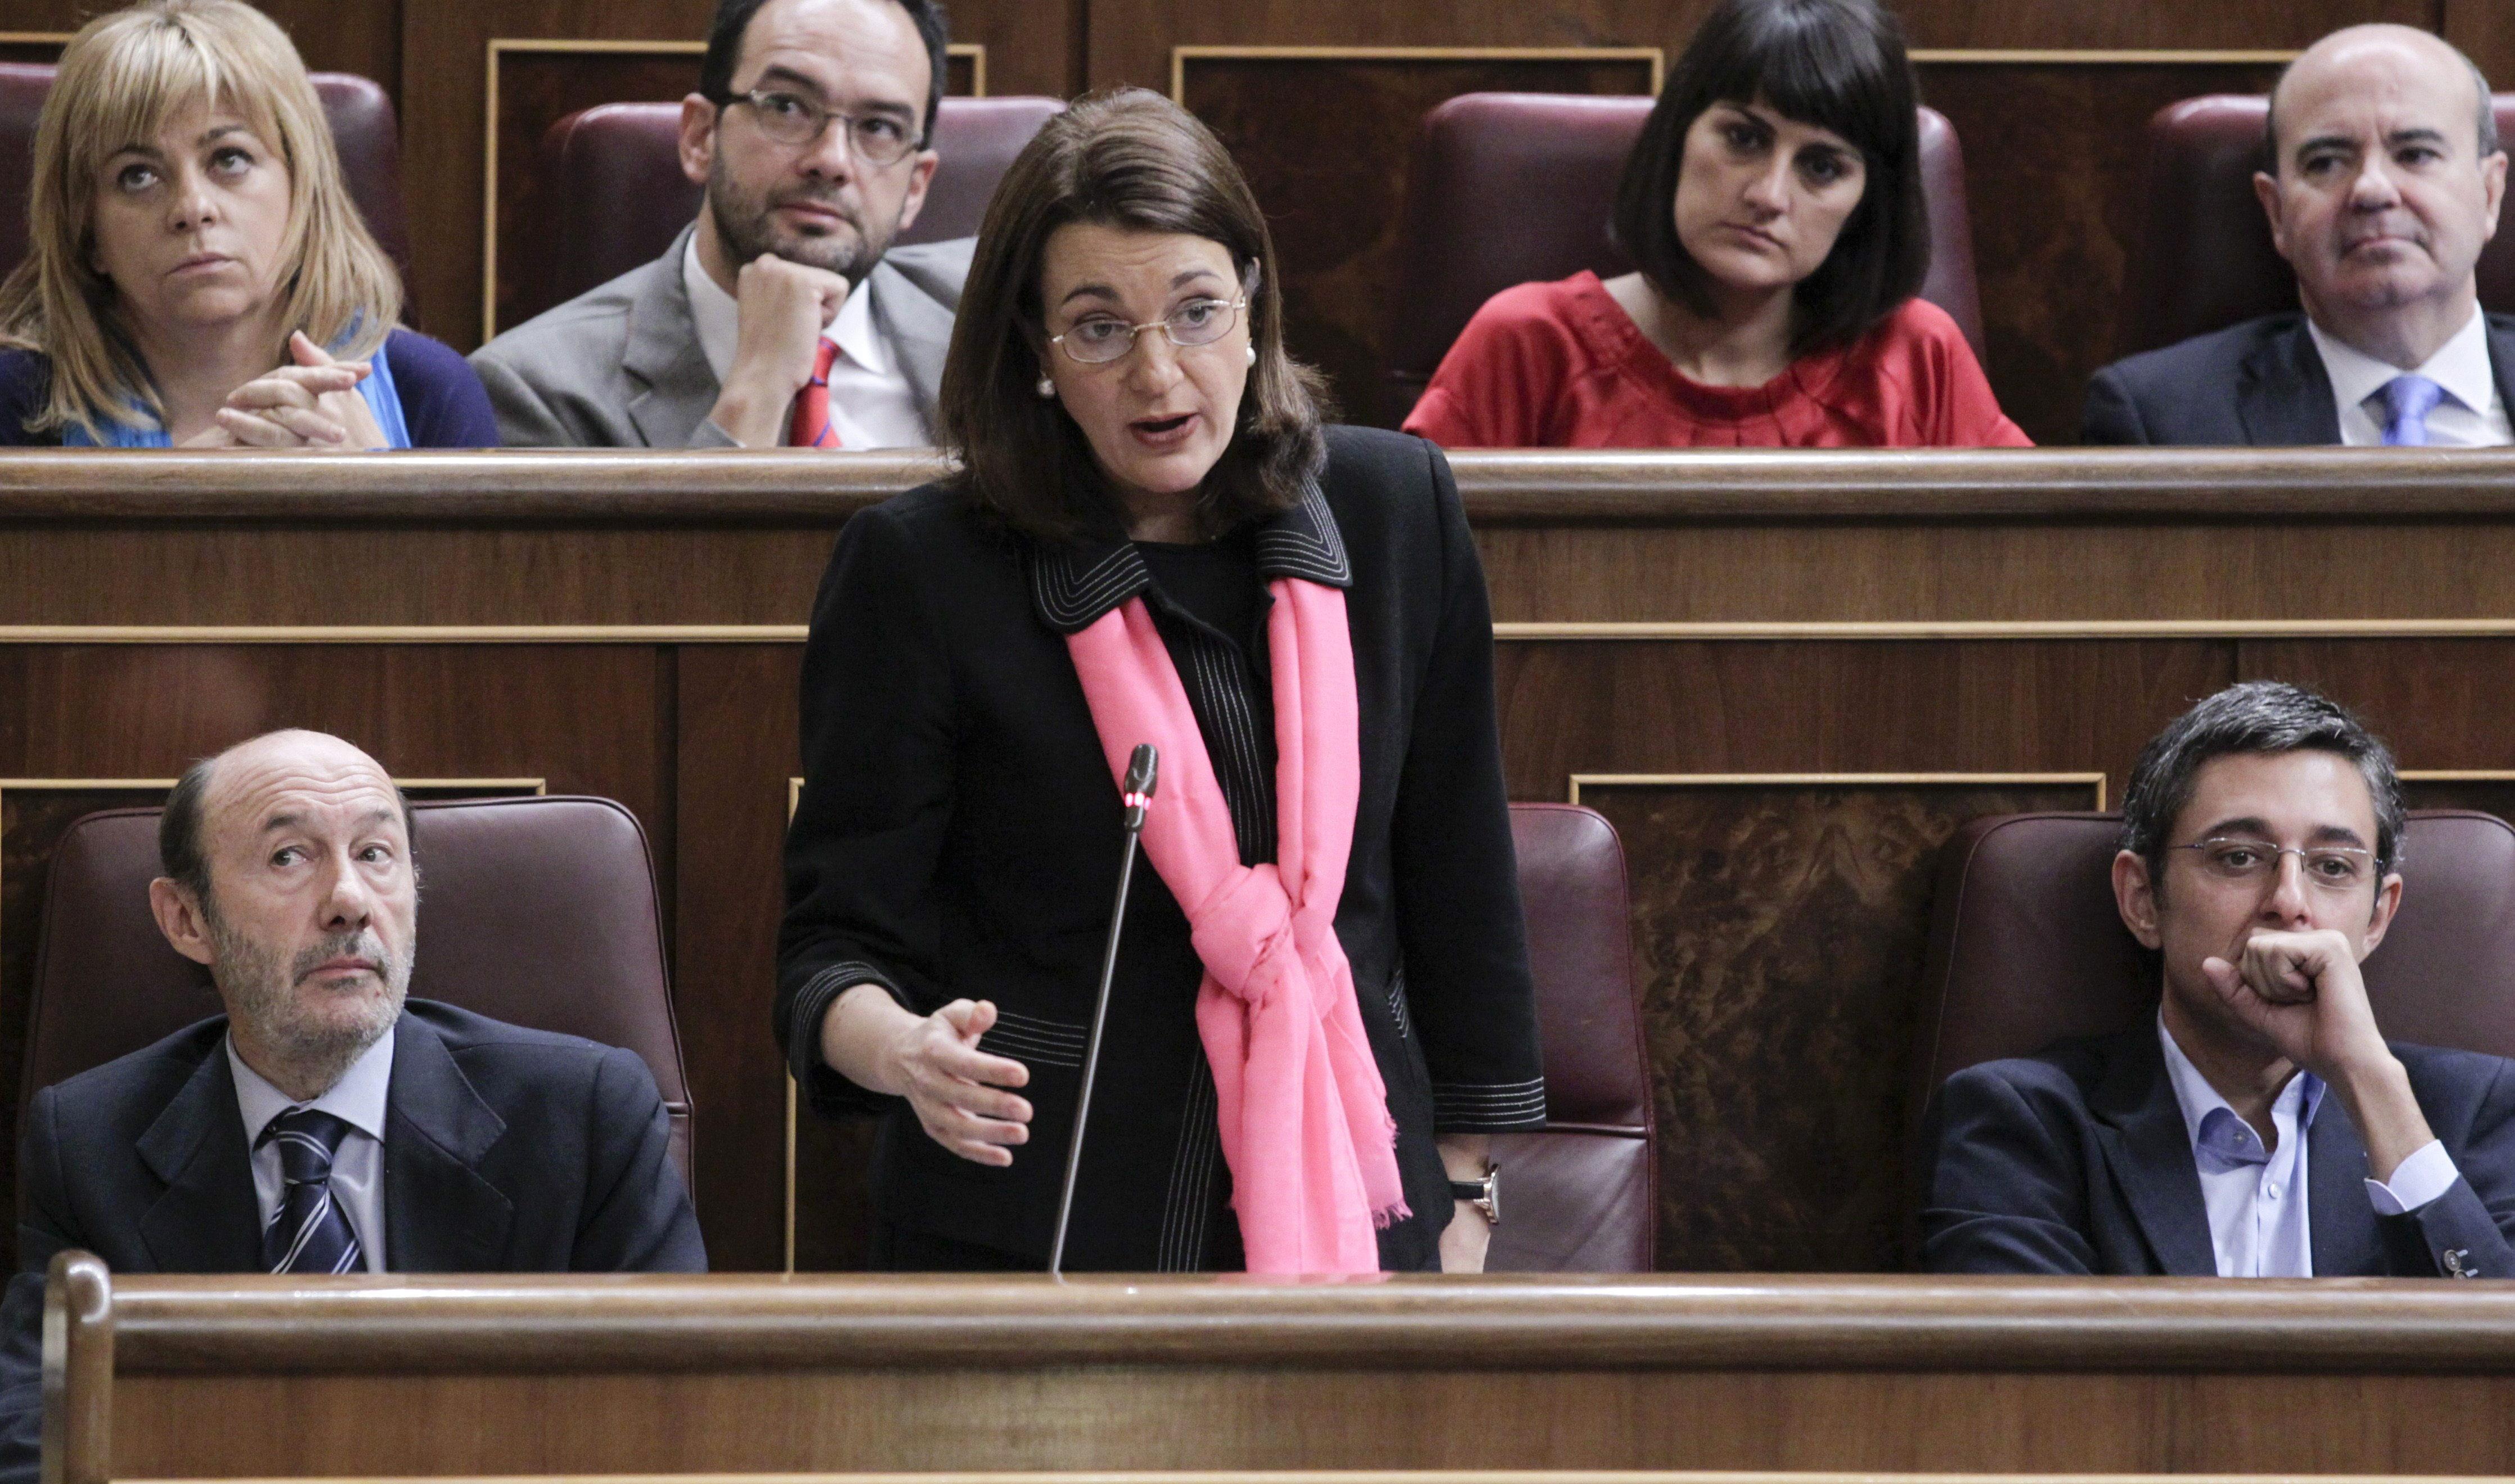 El PSOE tacha de «irresponsable» el «espectáculo» de Mas y la vicepresidenta